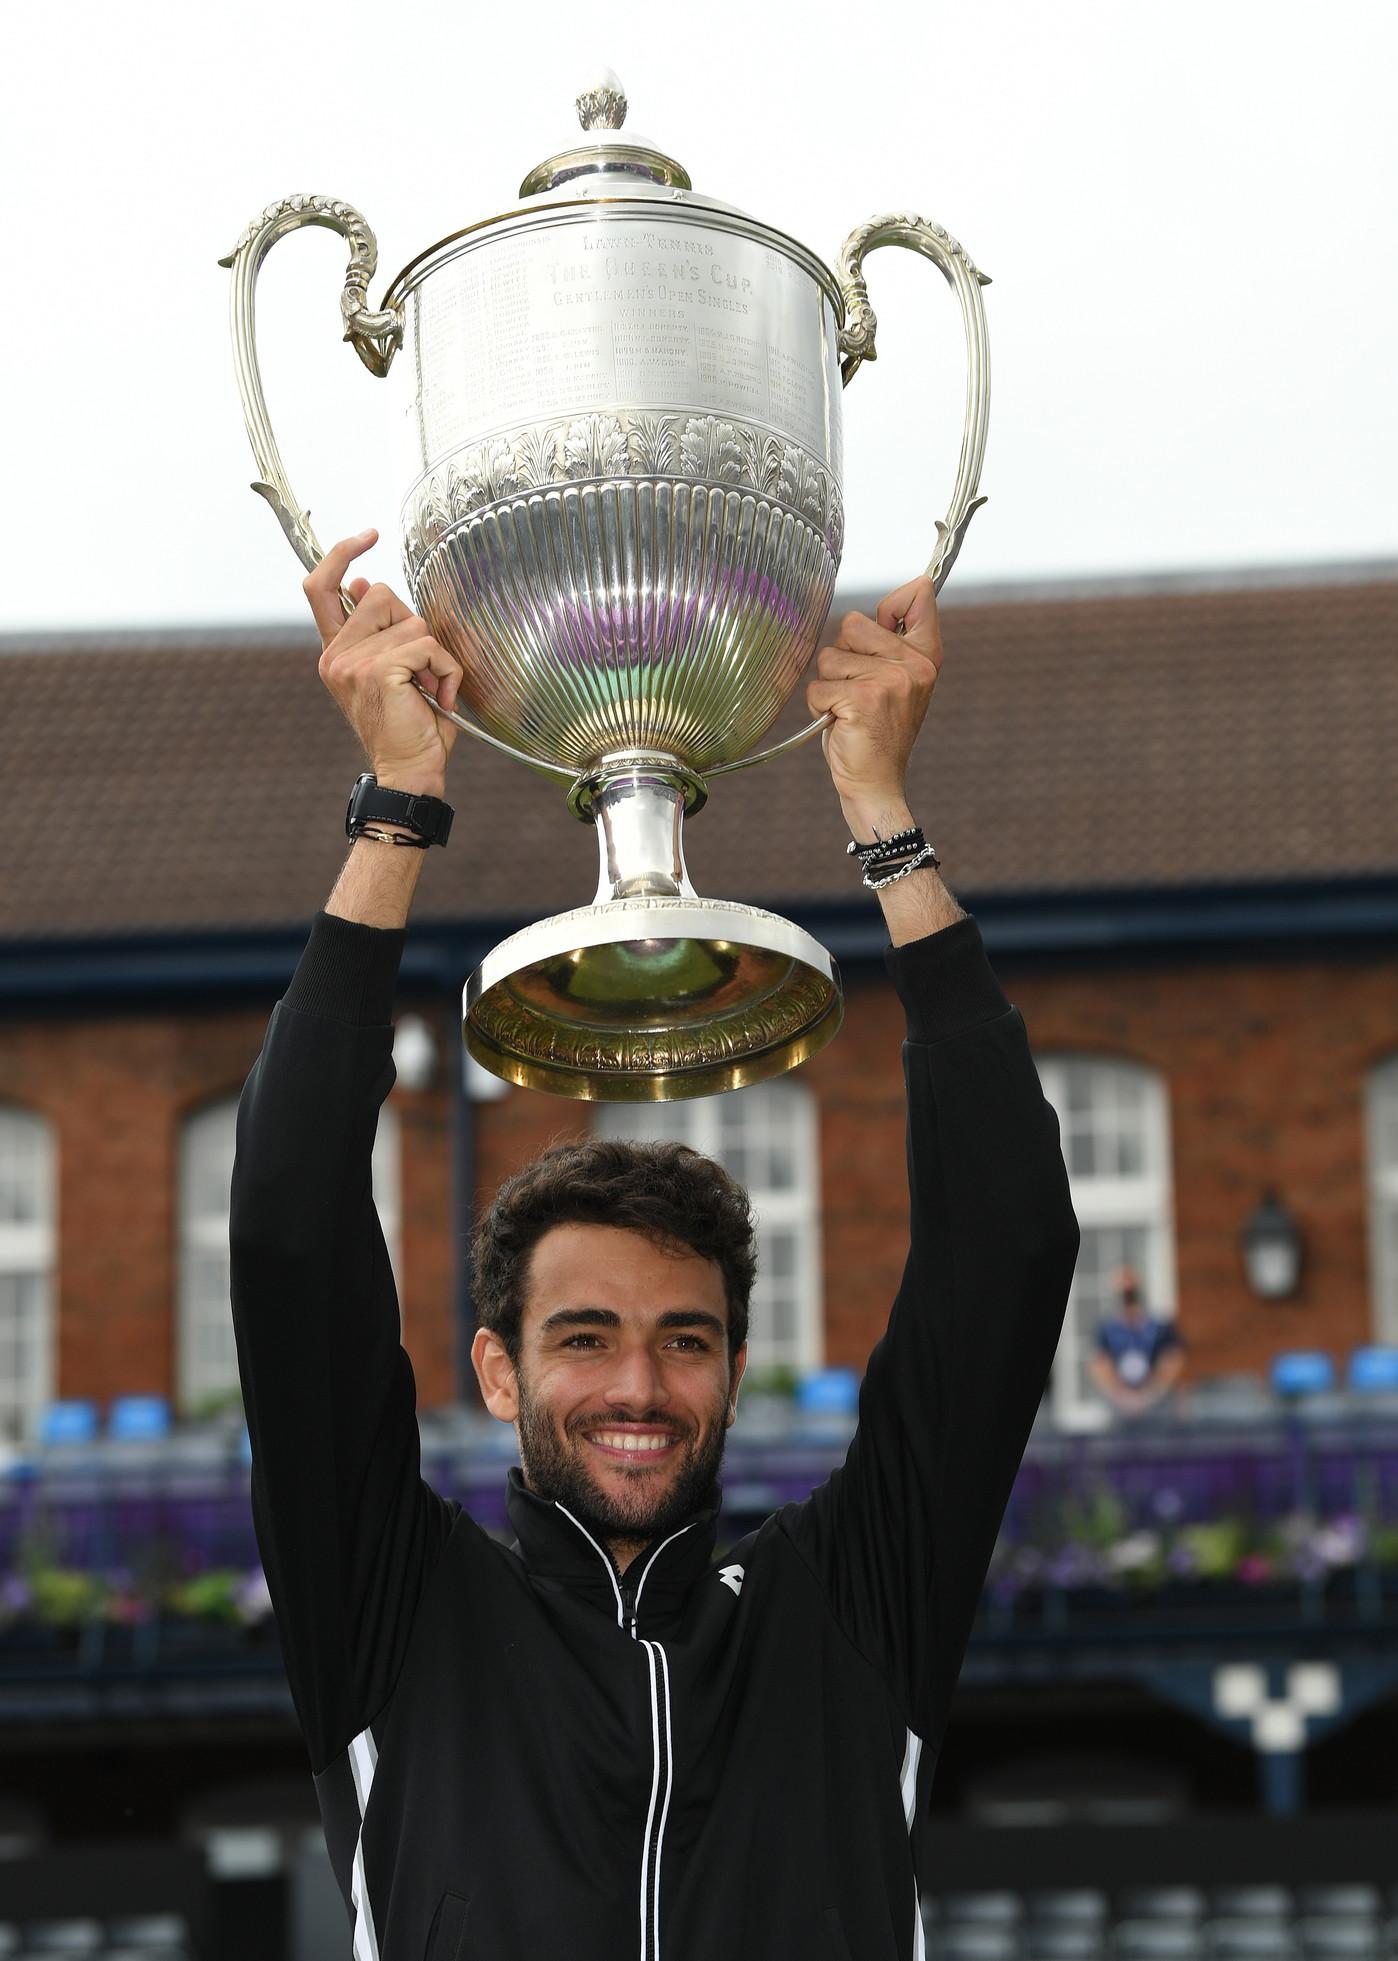 In finale il tennista romano&nbsp;ha battuto in tre set il britannico Cameron Norrie con il punteggio di 6-4, 6-7(5/7), 6-3.&nbsp;<br /><br />